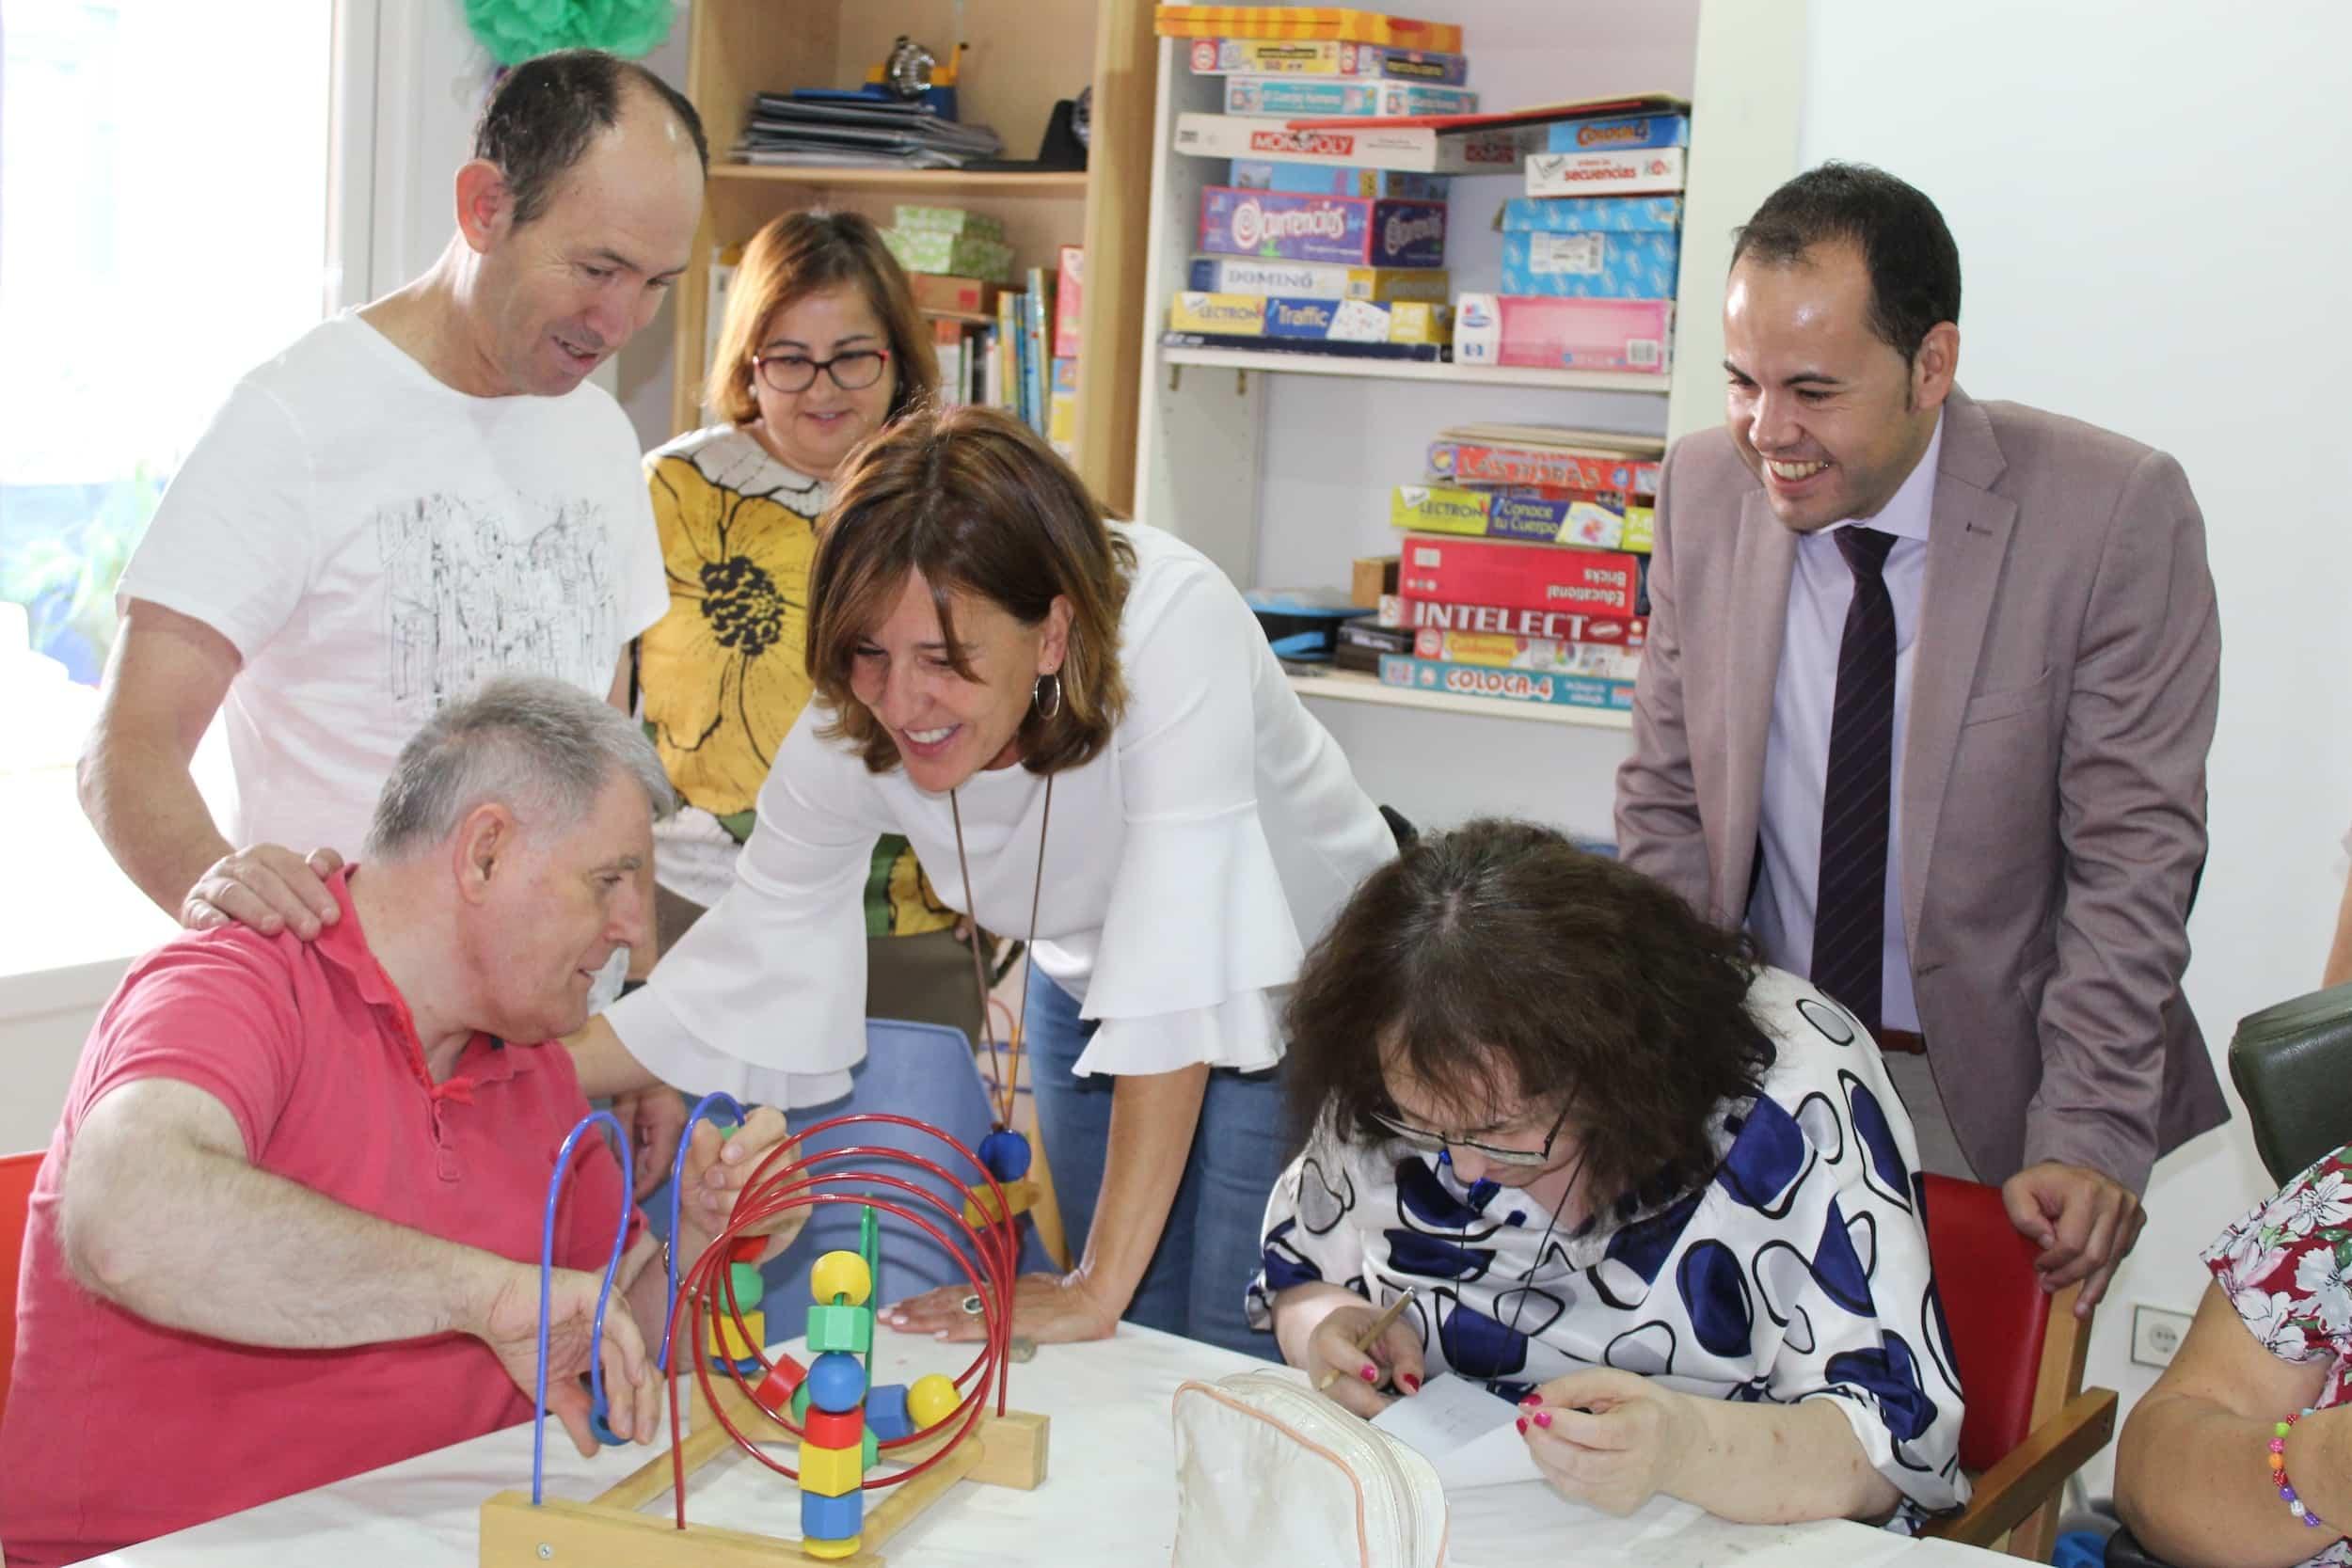 La consejera de Igualdad y portavoz ha visitado Herencia (Ciudad Real) 11